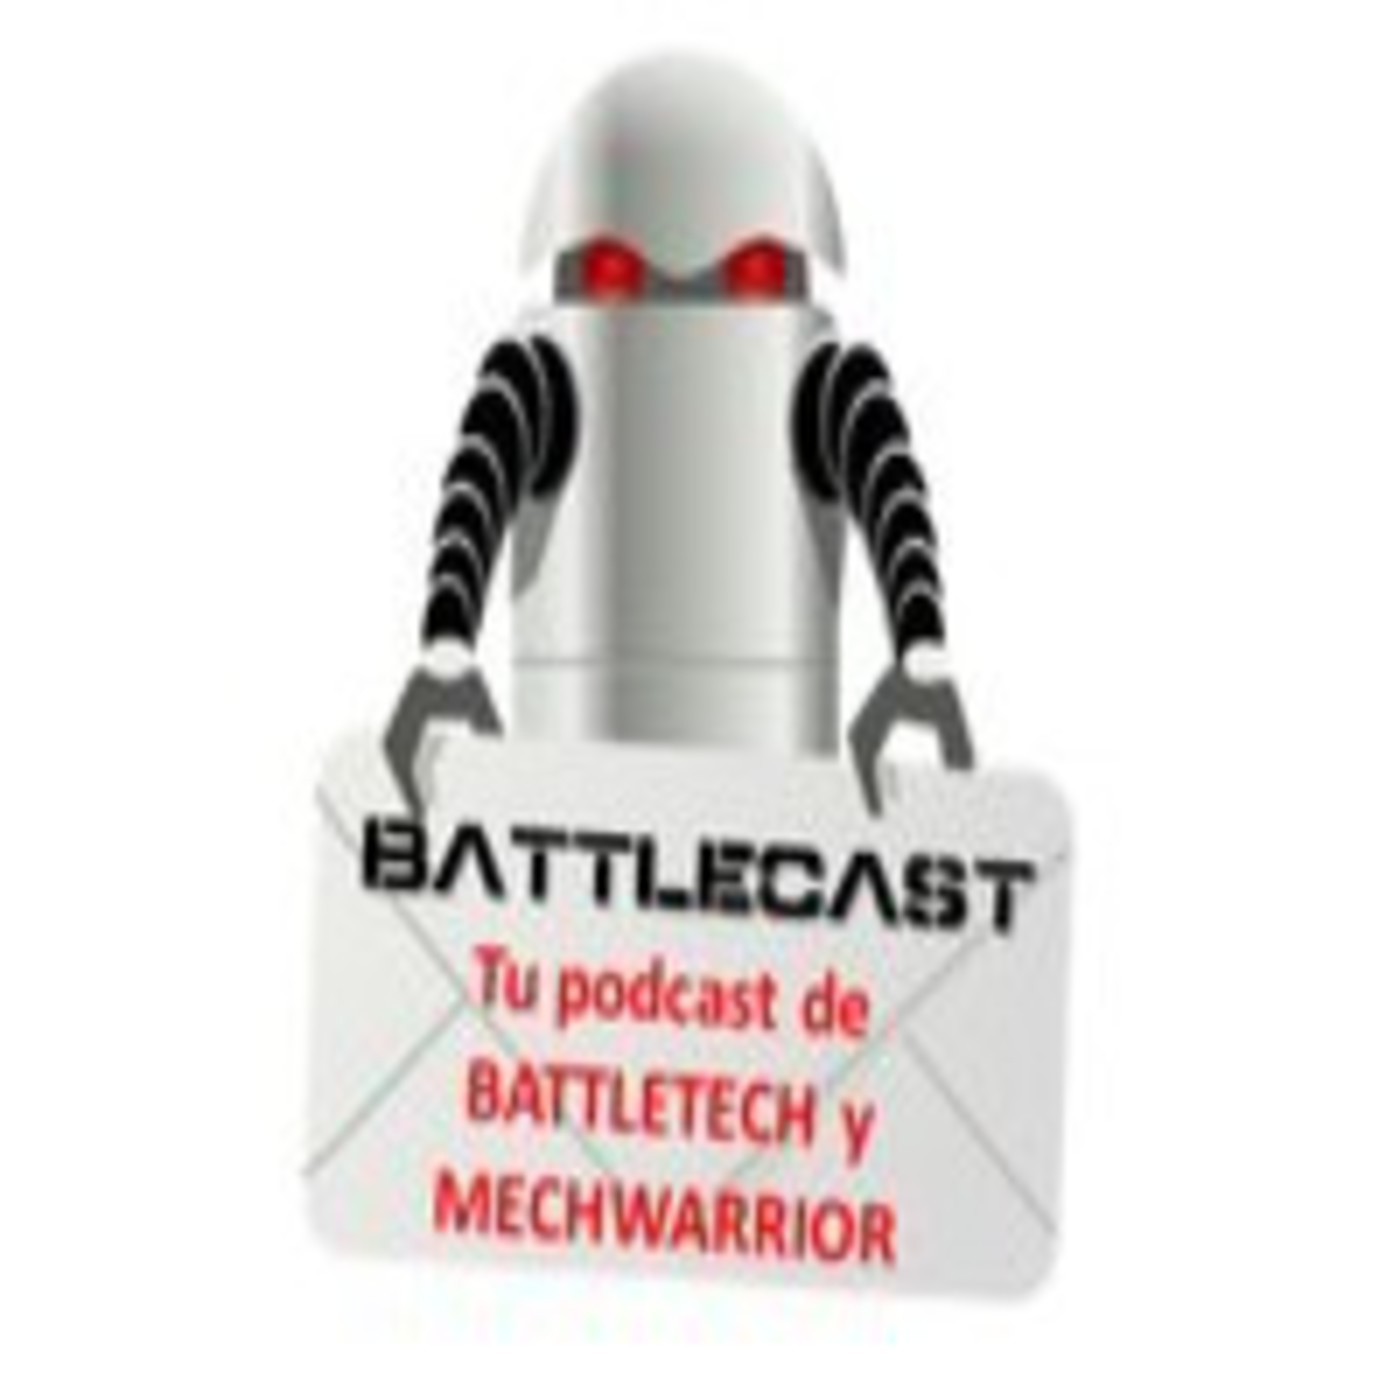 <![CDATA[Podcast Comunidad-Mechwarrior.org]]>